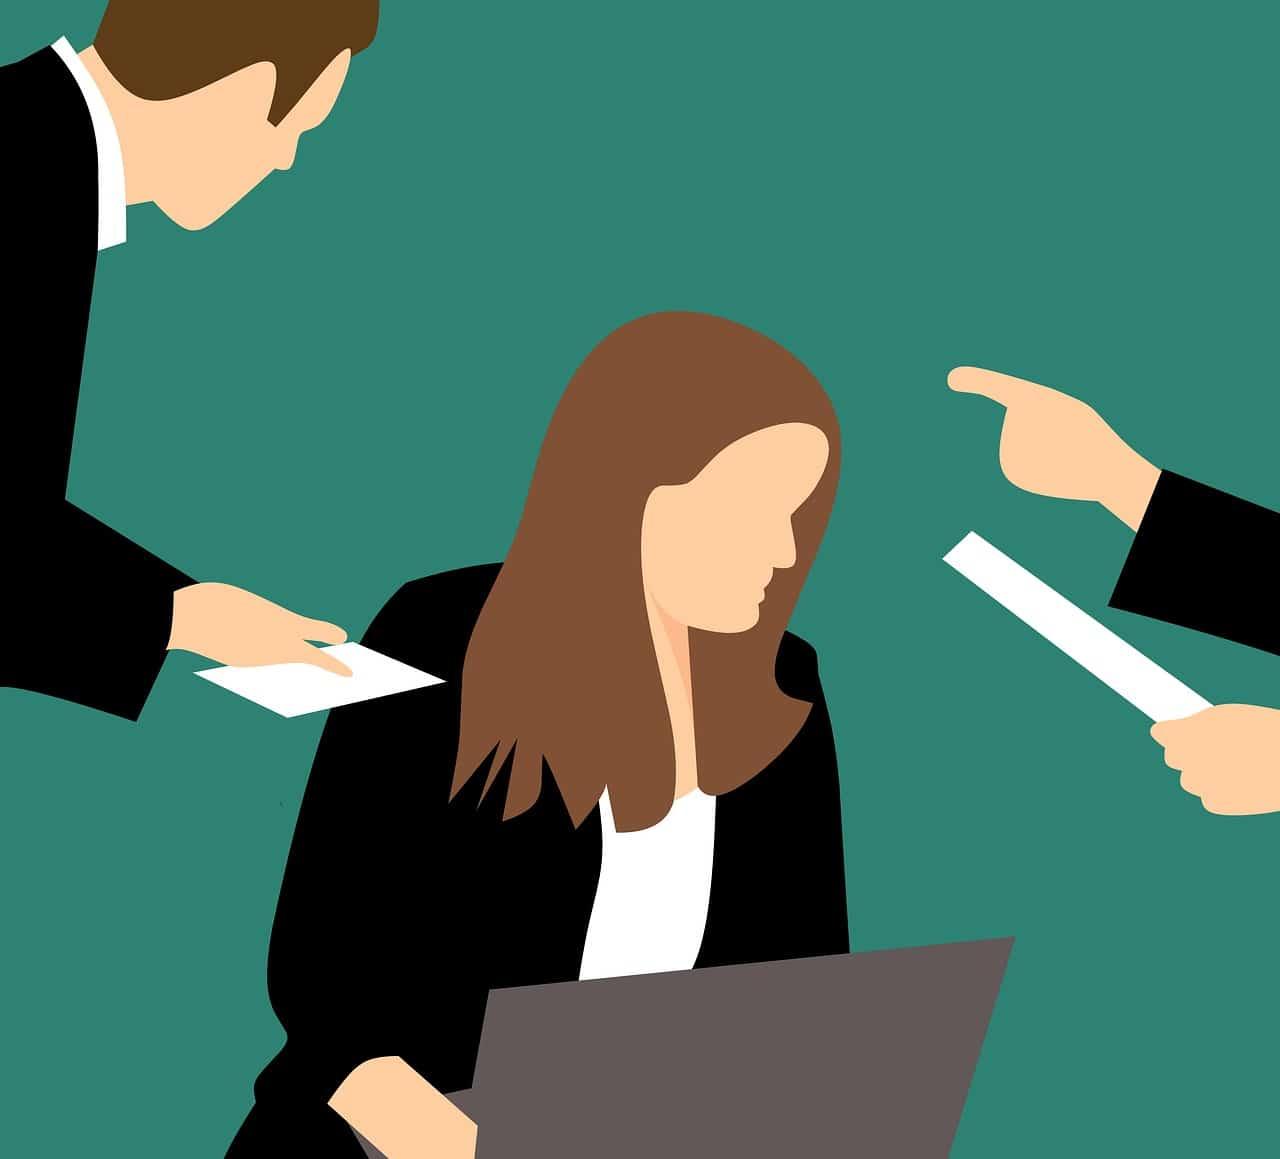 הטרדה בעבודה של אישה